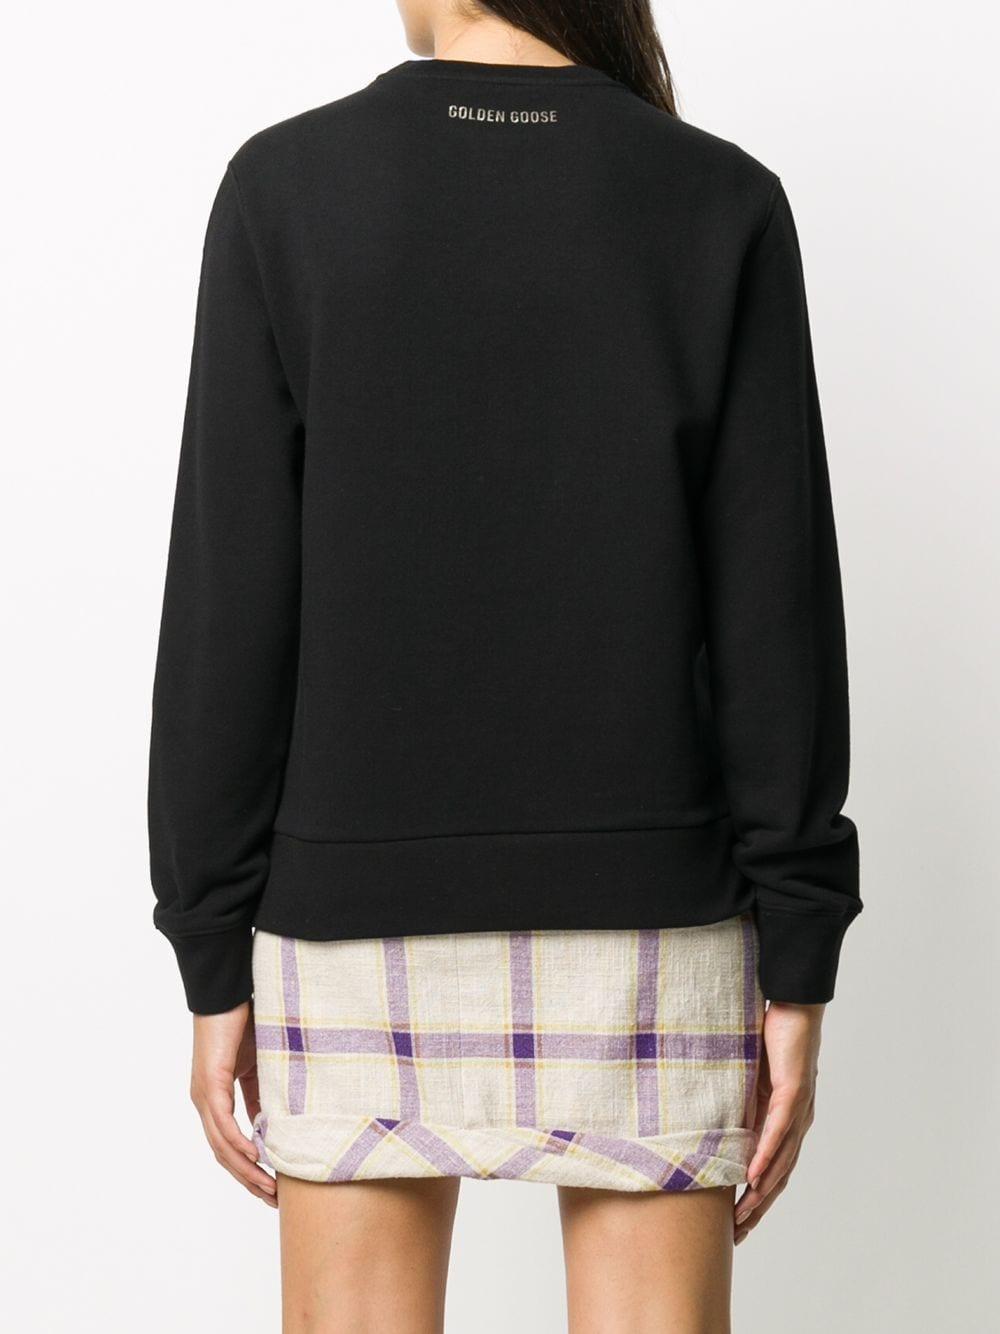 Picture of Golden Goose Deluxe Brand | Metallic-Star Cotton Sweatshirt